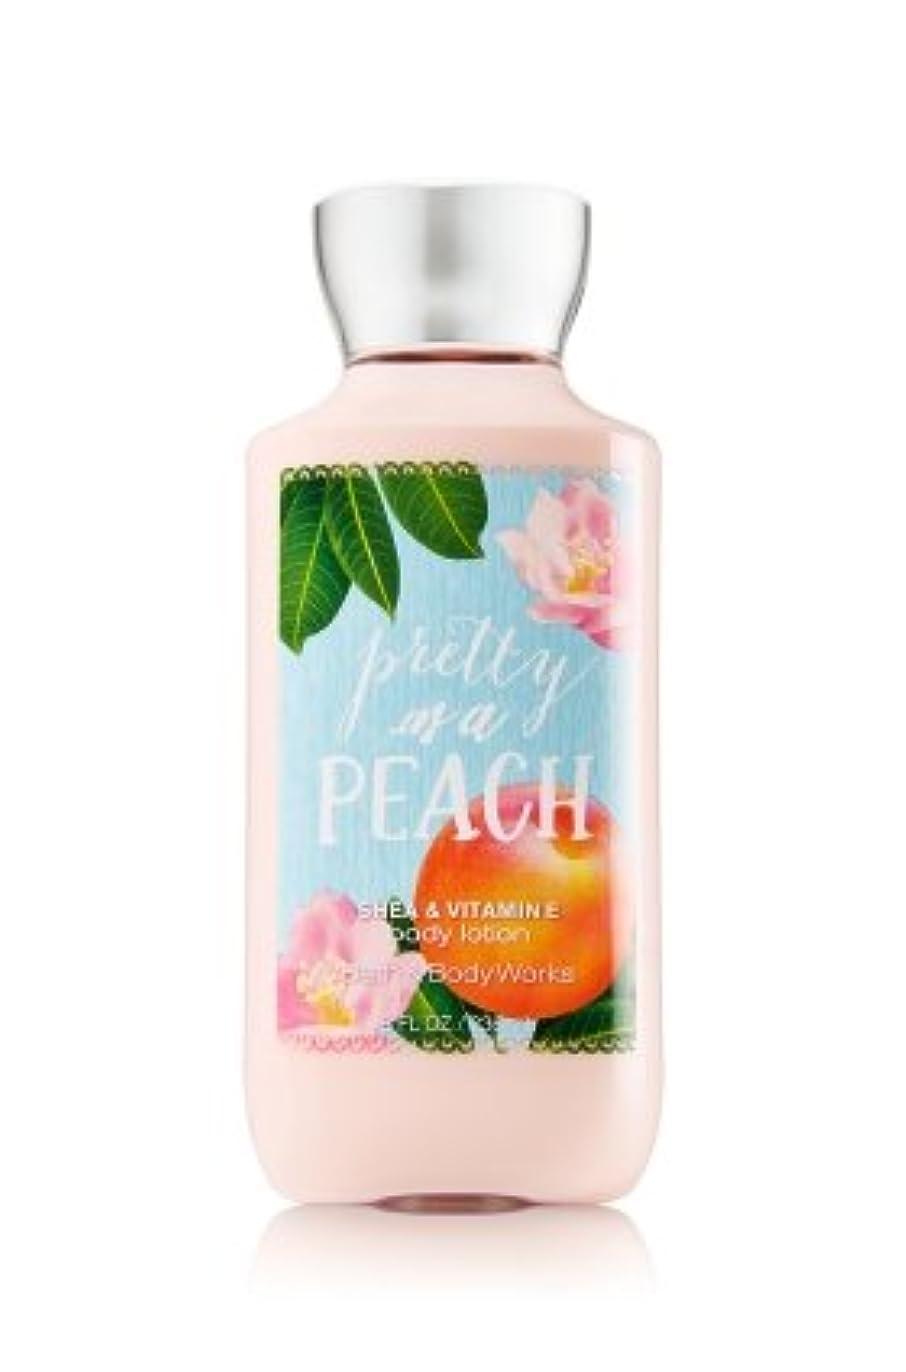 六月グループかみそり【Bath&Body Works/バス&ボディワークス】 ボディローション プリティーアズアピーチ Body Lotion Pretty As A Peach 8 fl oz / 236 mL [並行輸入品]